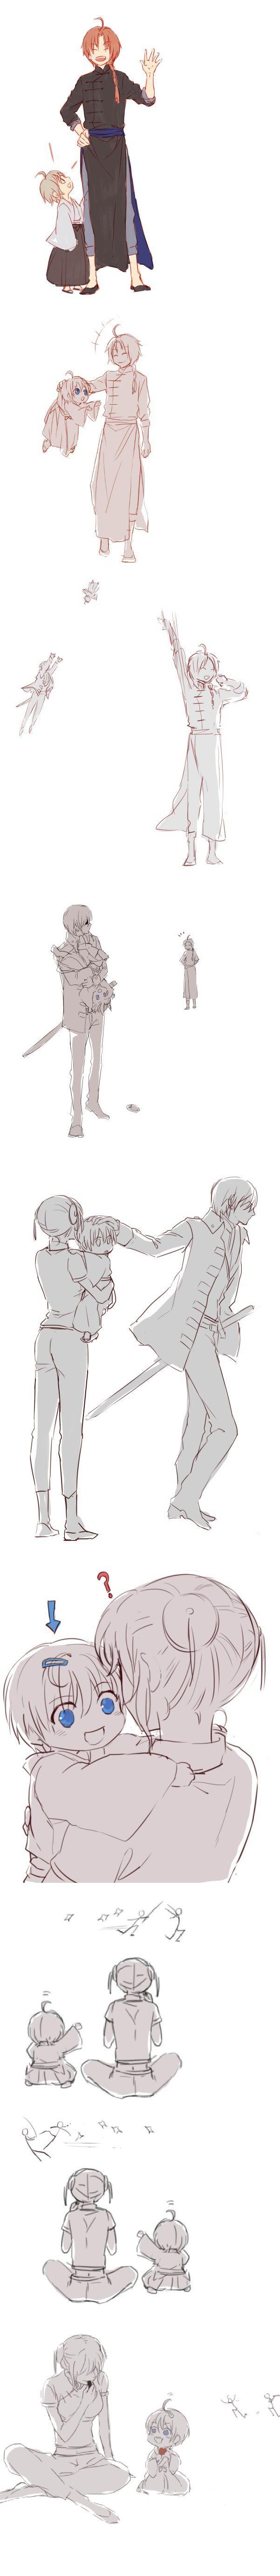 Окита Сого, Камуи, Кагура, ребёнок. ято.